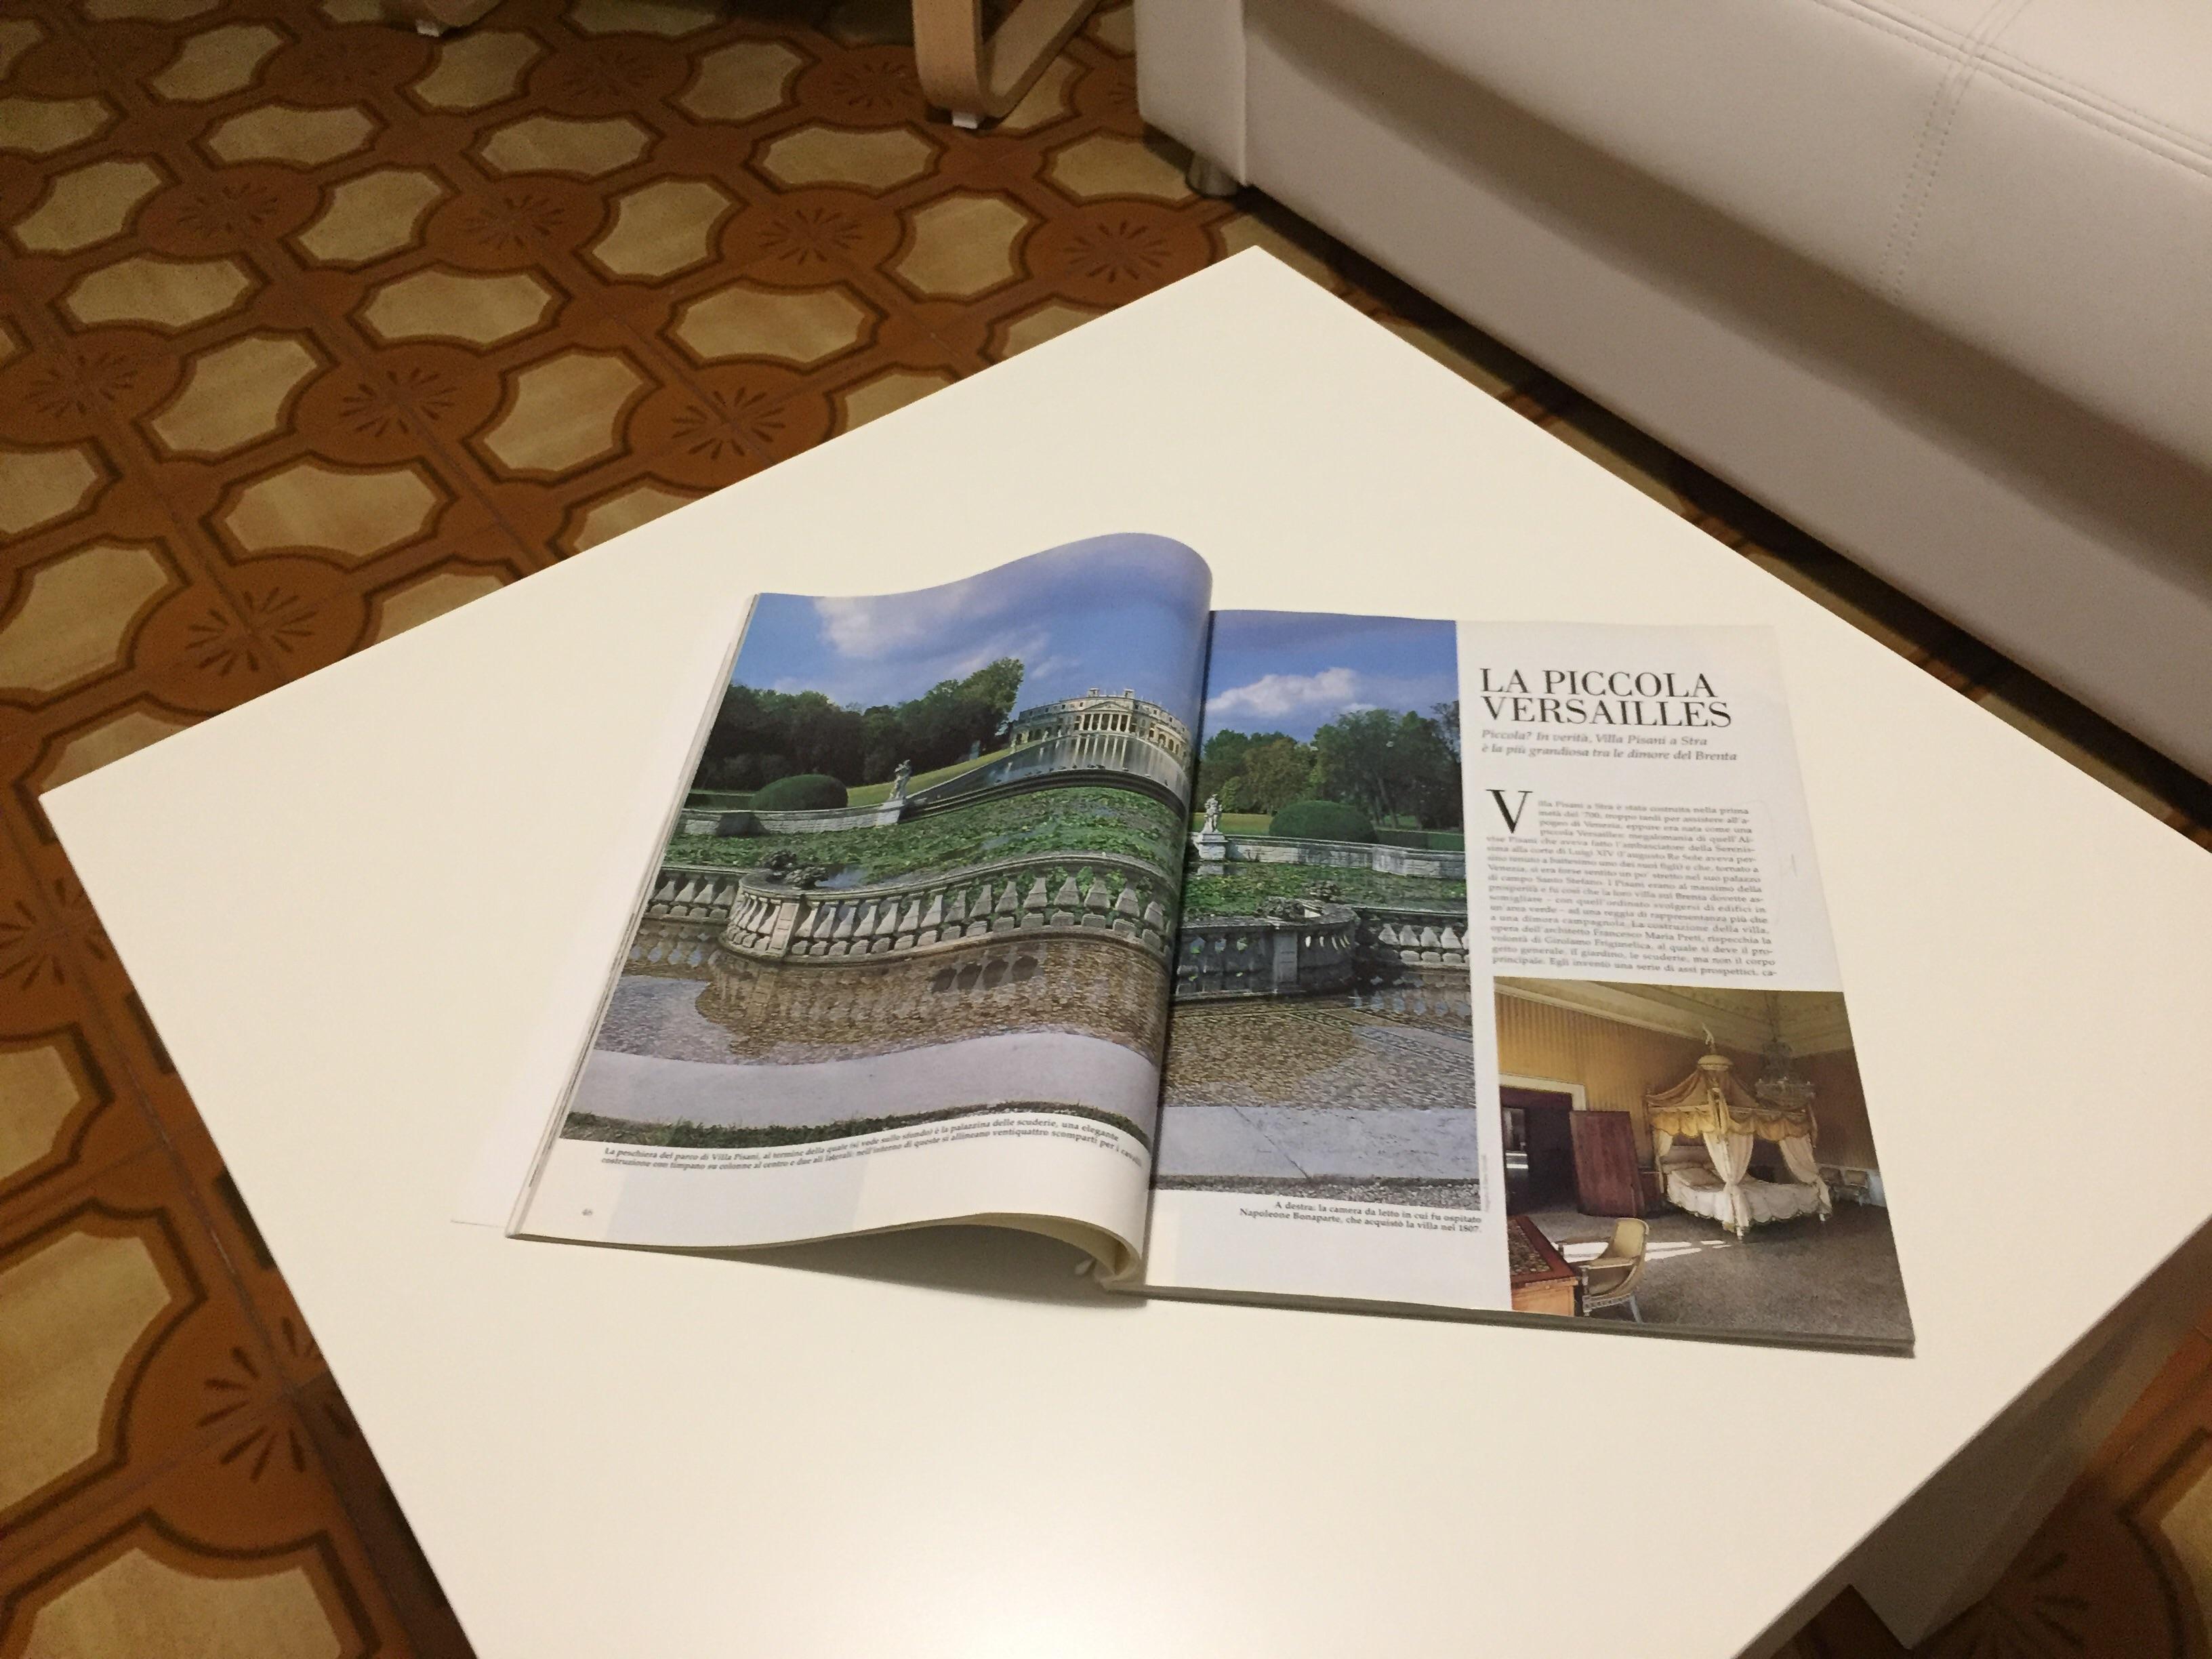 Negozi Biancheria Casa Mestre casa giovanna 10' to venice - apartments for rent in venice